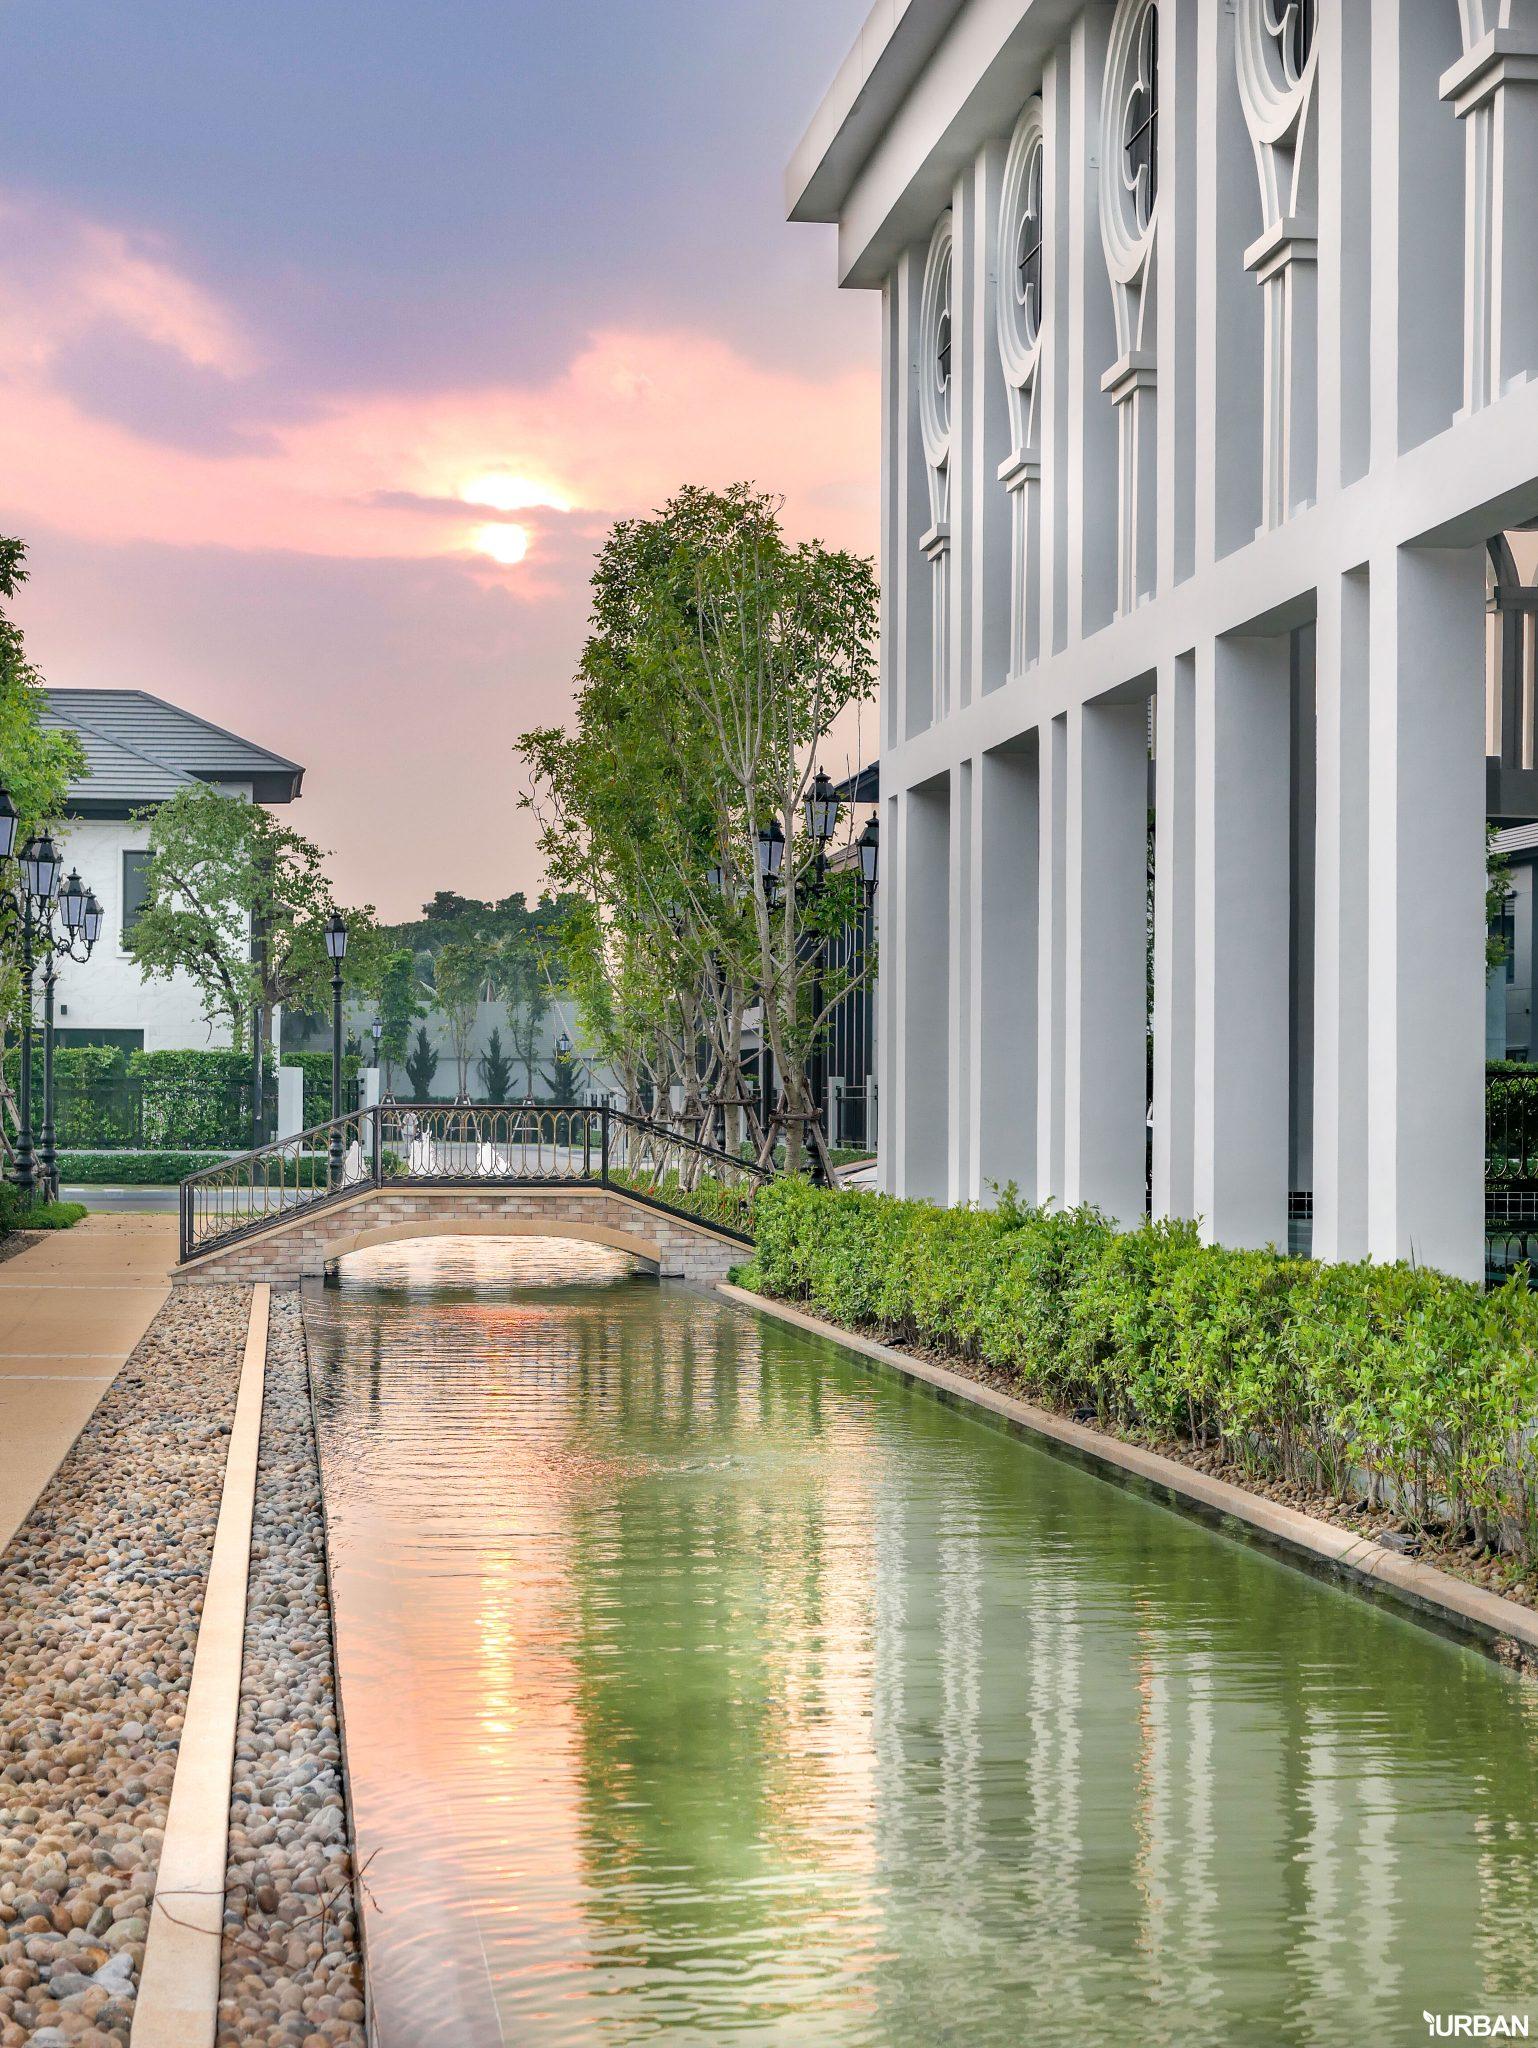 """รีวิว Grand Bangkok Boulevard รามอินทรา-เสรีไทย คลับเฮ้าส์และส่วนกลางที่ยก """"เวนิส"""" จากอิตาลีมาไว้ที่นี่ 44 - Boulevard"""